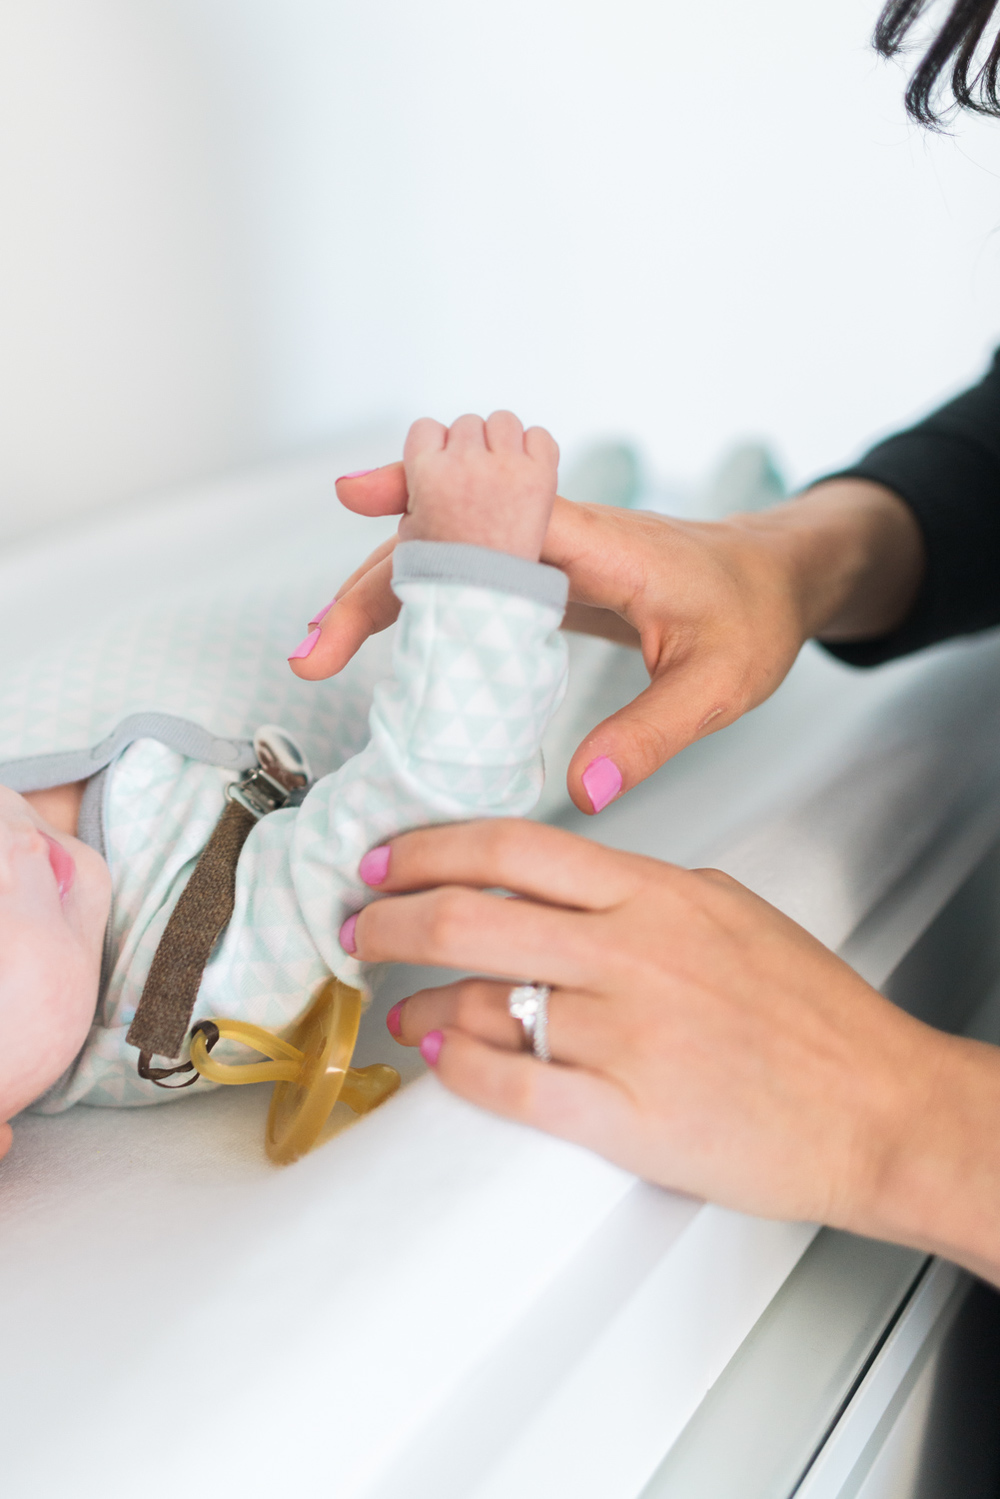 West Elm Inspired Newborn Lifestyle Session | Lynchburg Photographer | Kelsey & Nate | kelseyandnate.com | Gold Bird Mobile | Modern Nursery | White Nursery and Velvet Blue Rocker | Modern Burlap